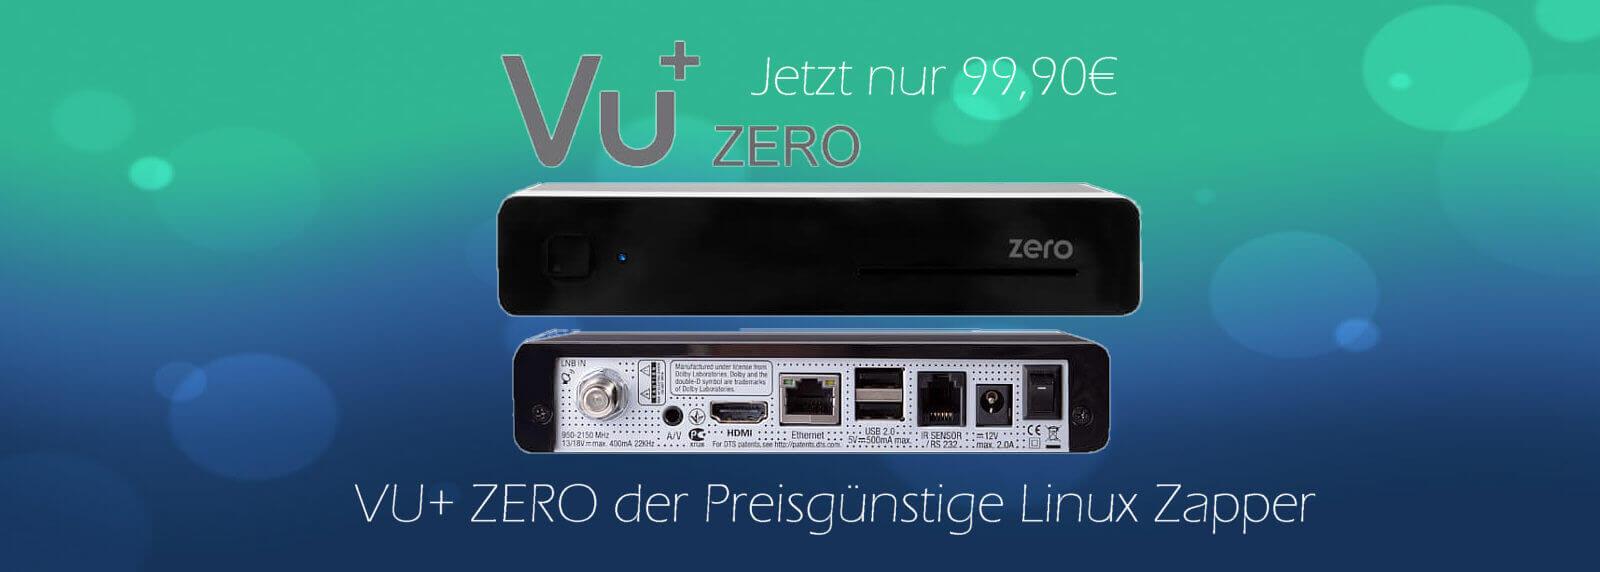 Vu+ Zero